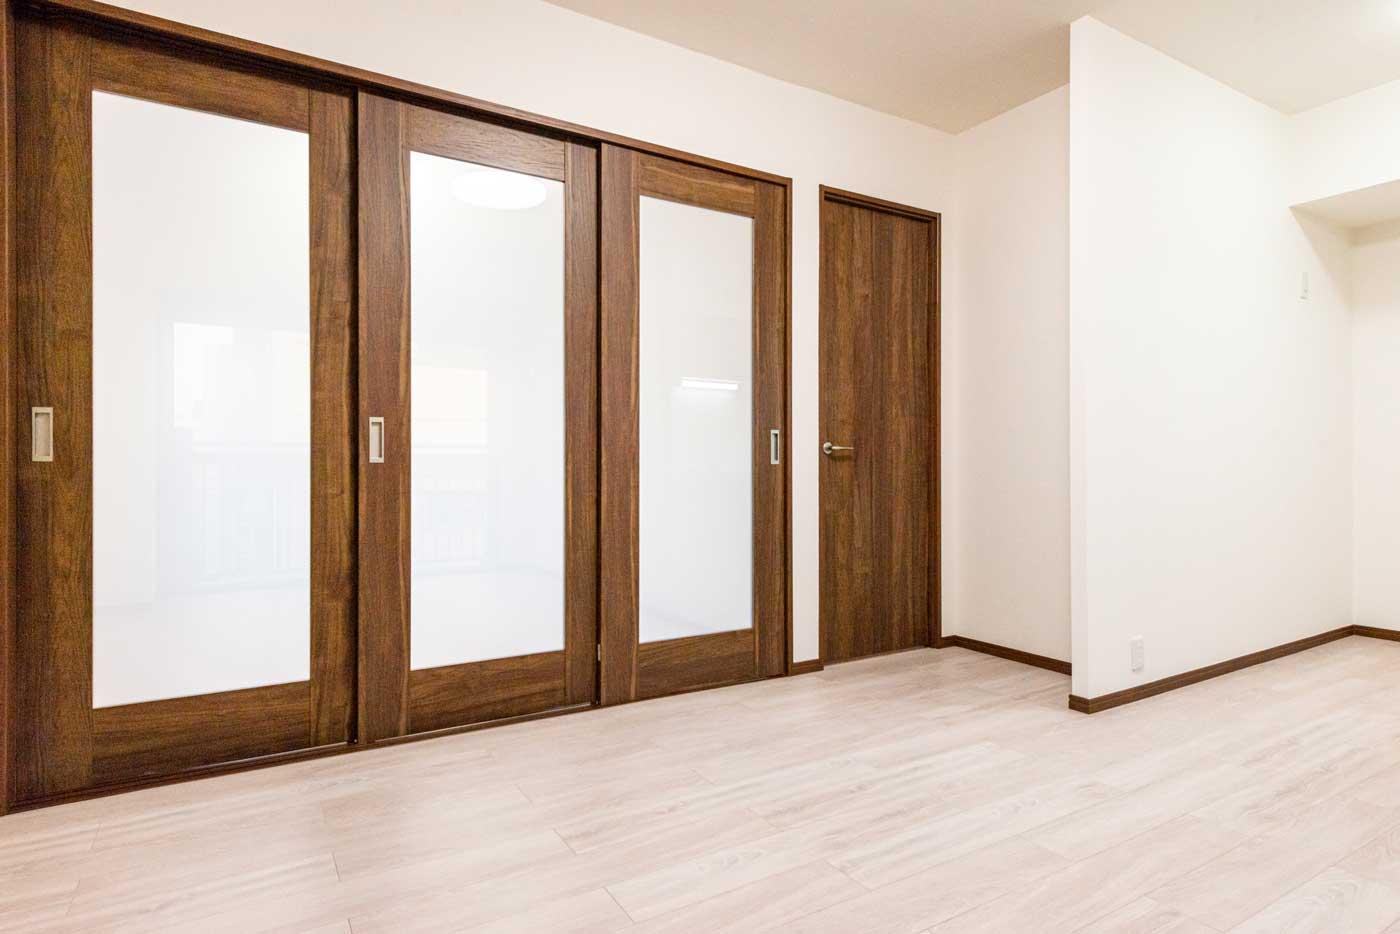 光を取り込む美しい引戸(右奥は洋室ドア)